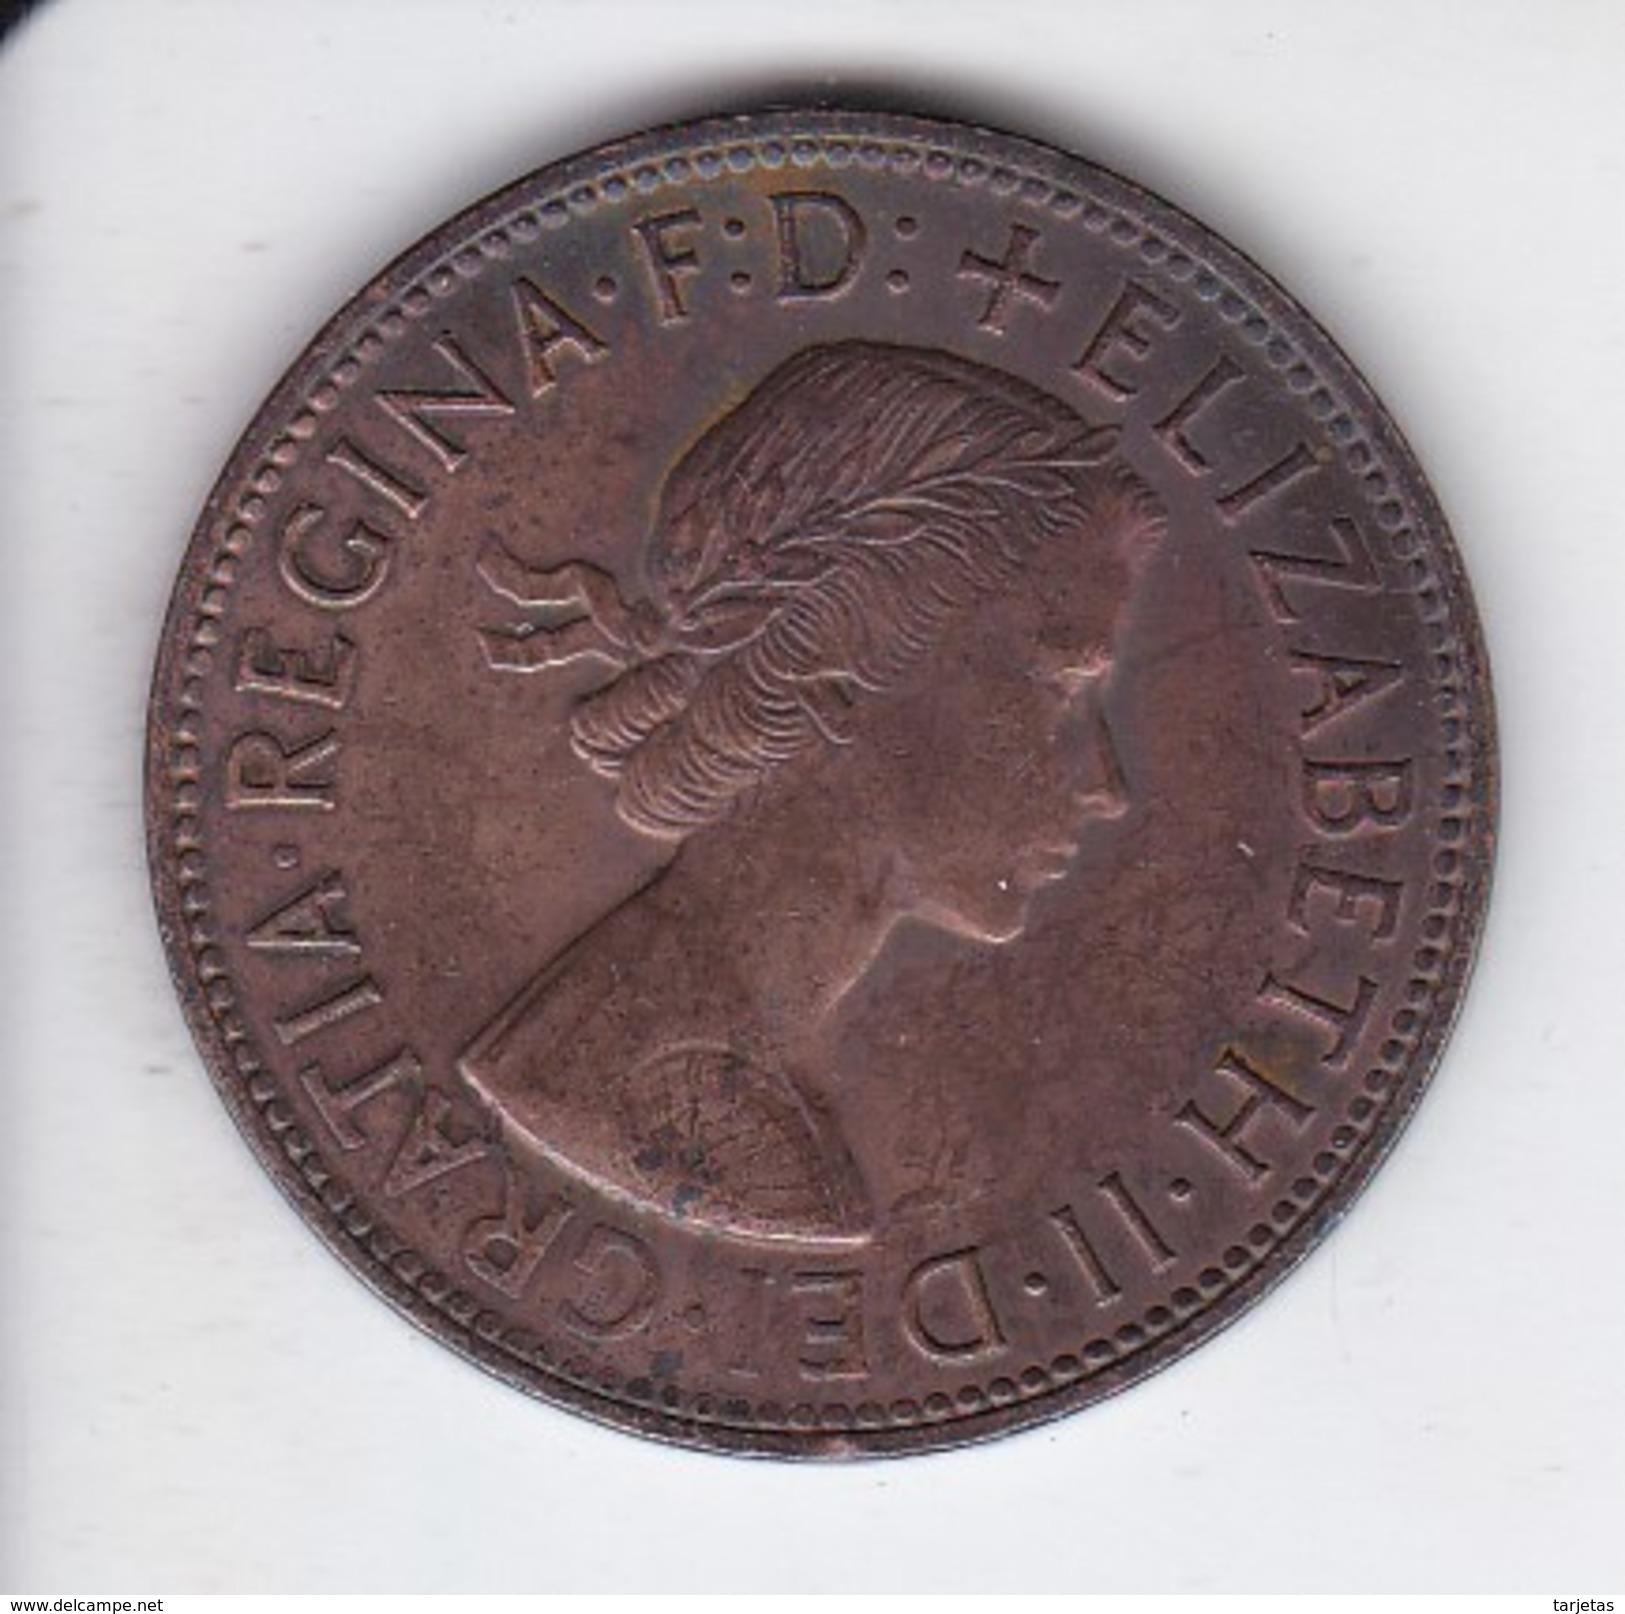 MONEDA DE AUSTRALIA DE 1 PENNY DEL AÑO 1964 CANGURO (KANGAROO) - Penny